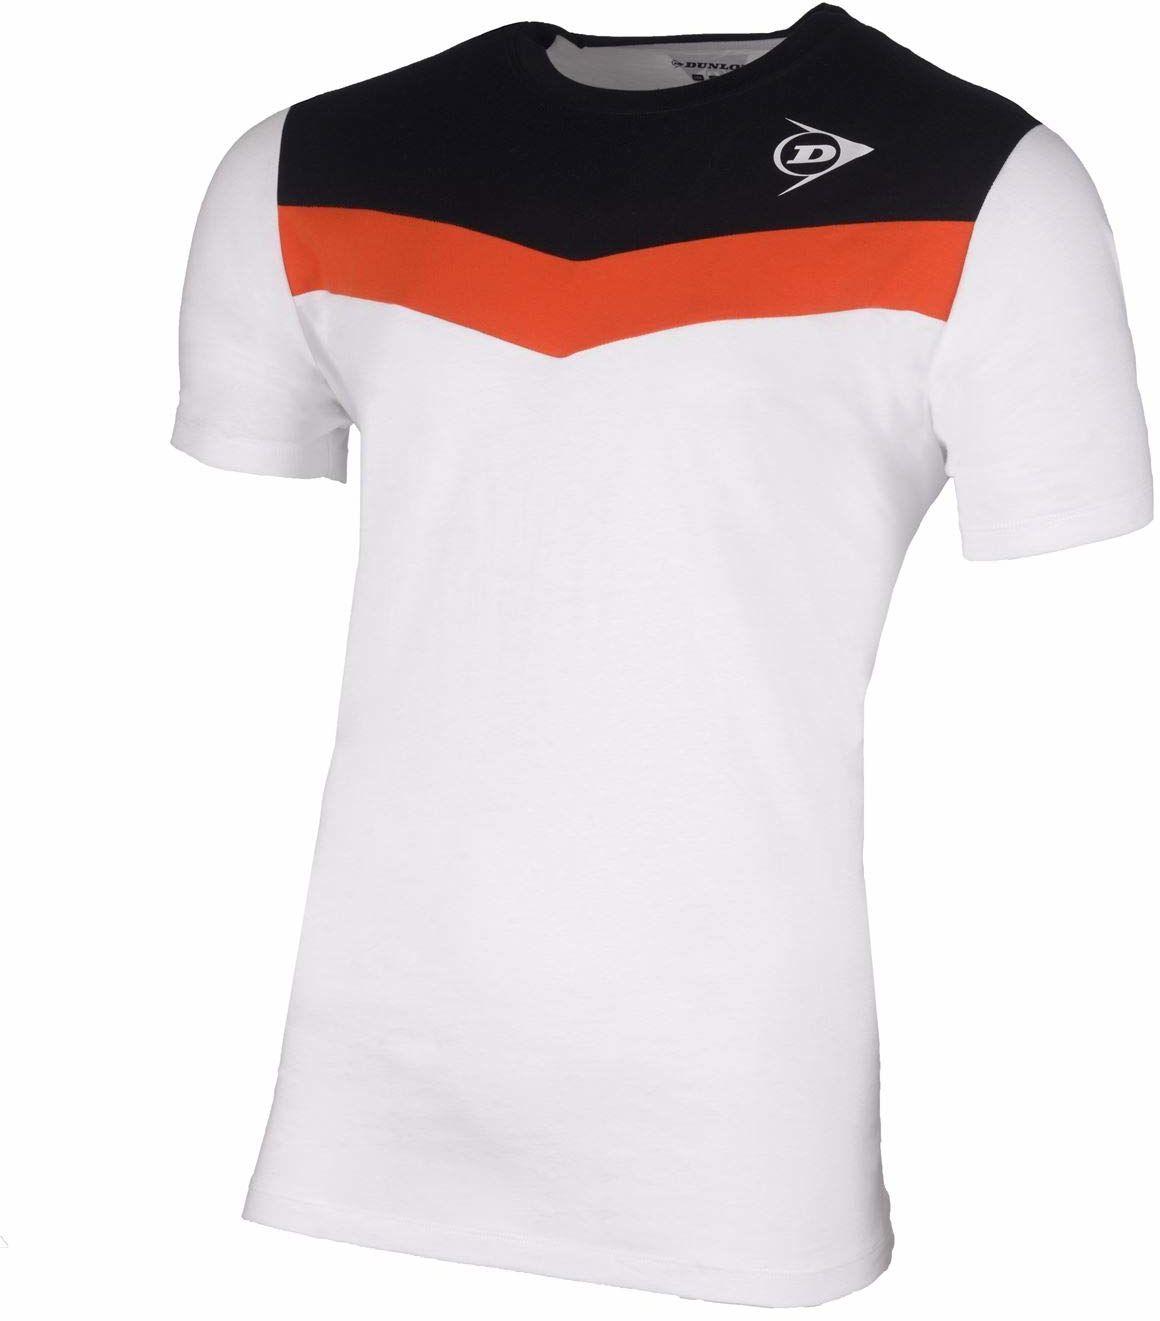 Dunlop Dziecięca koszulka 72259-140 Essentials Crew biała/antracytowa, 140